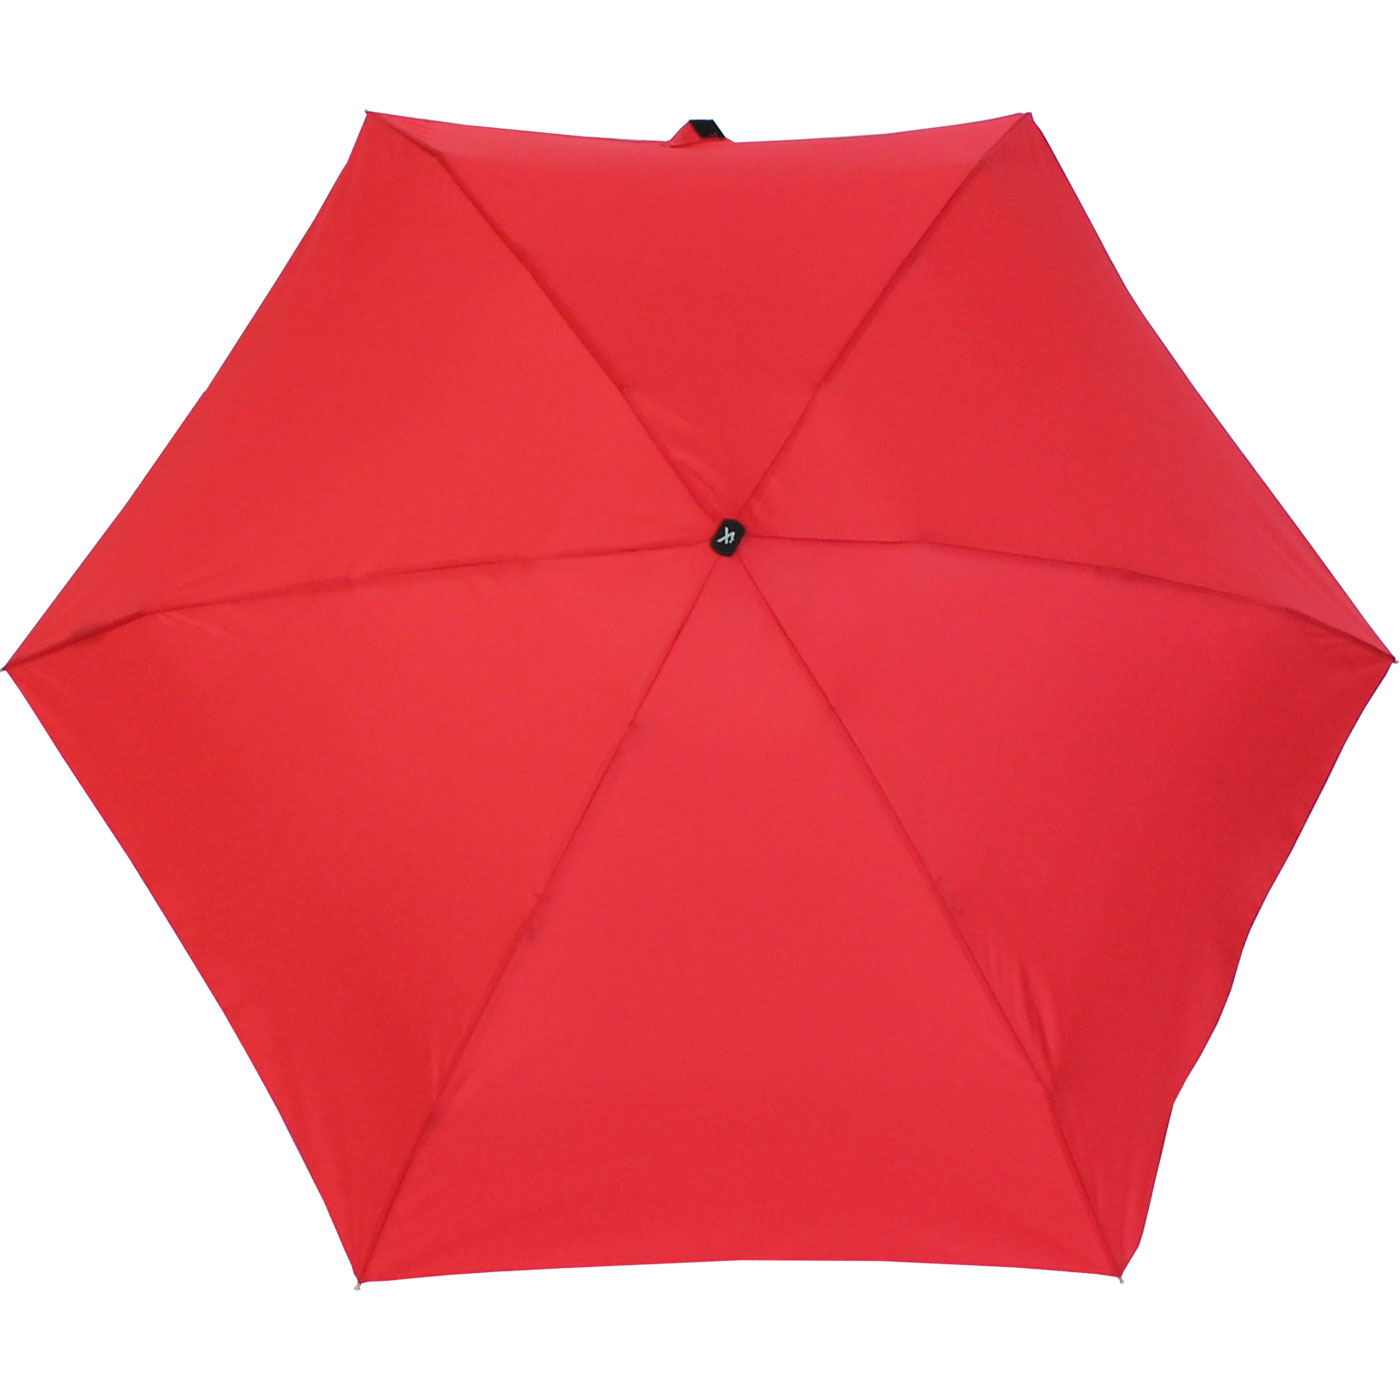 Regenschirm-Super-Mini-Taschenschirm-Damen-Herren-winzig-klein-leicht-im-Etui Indexbild 24